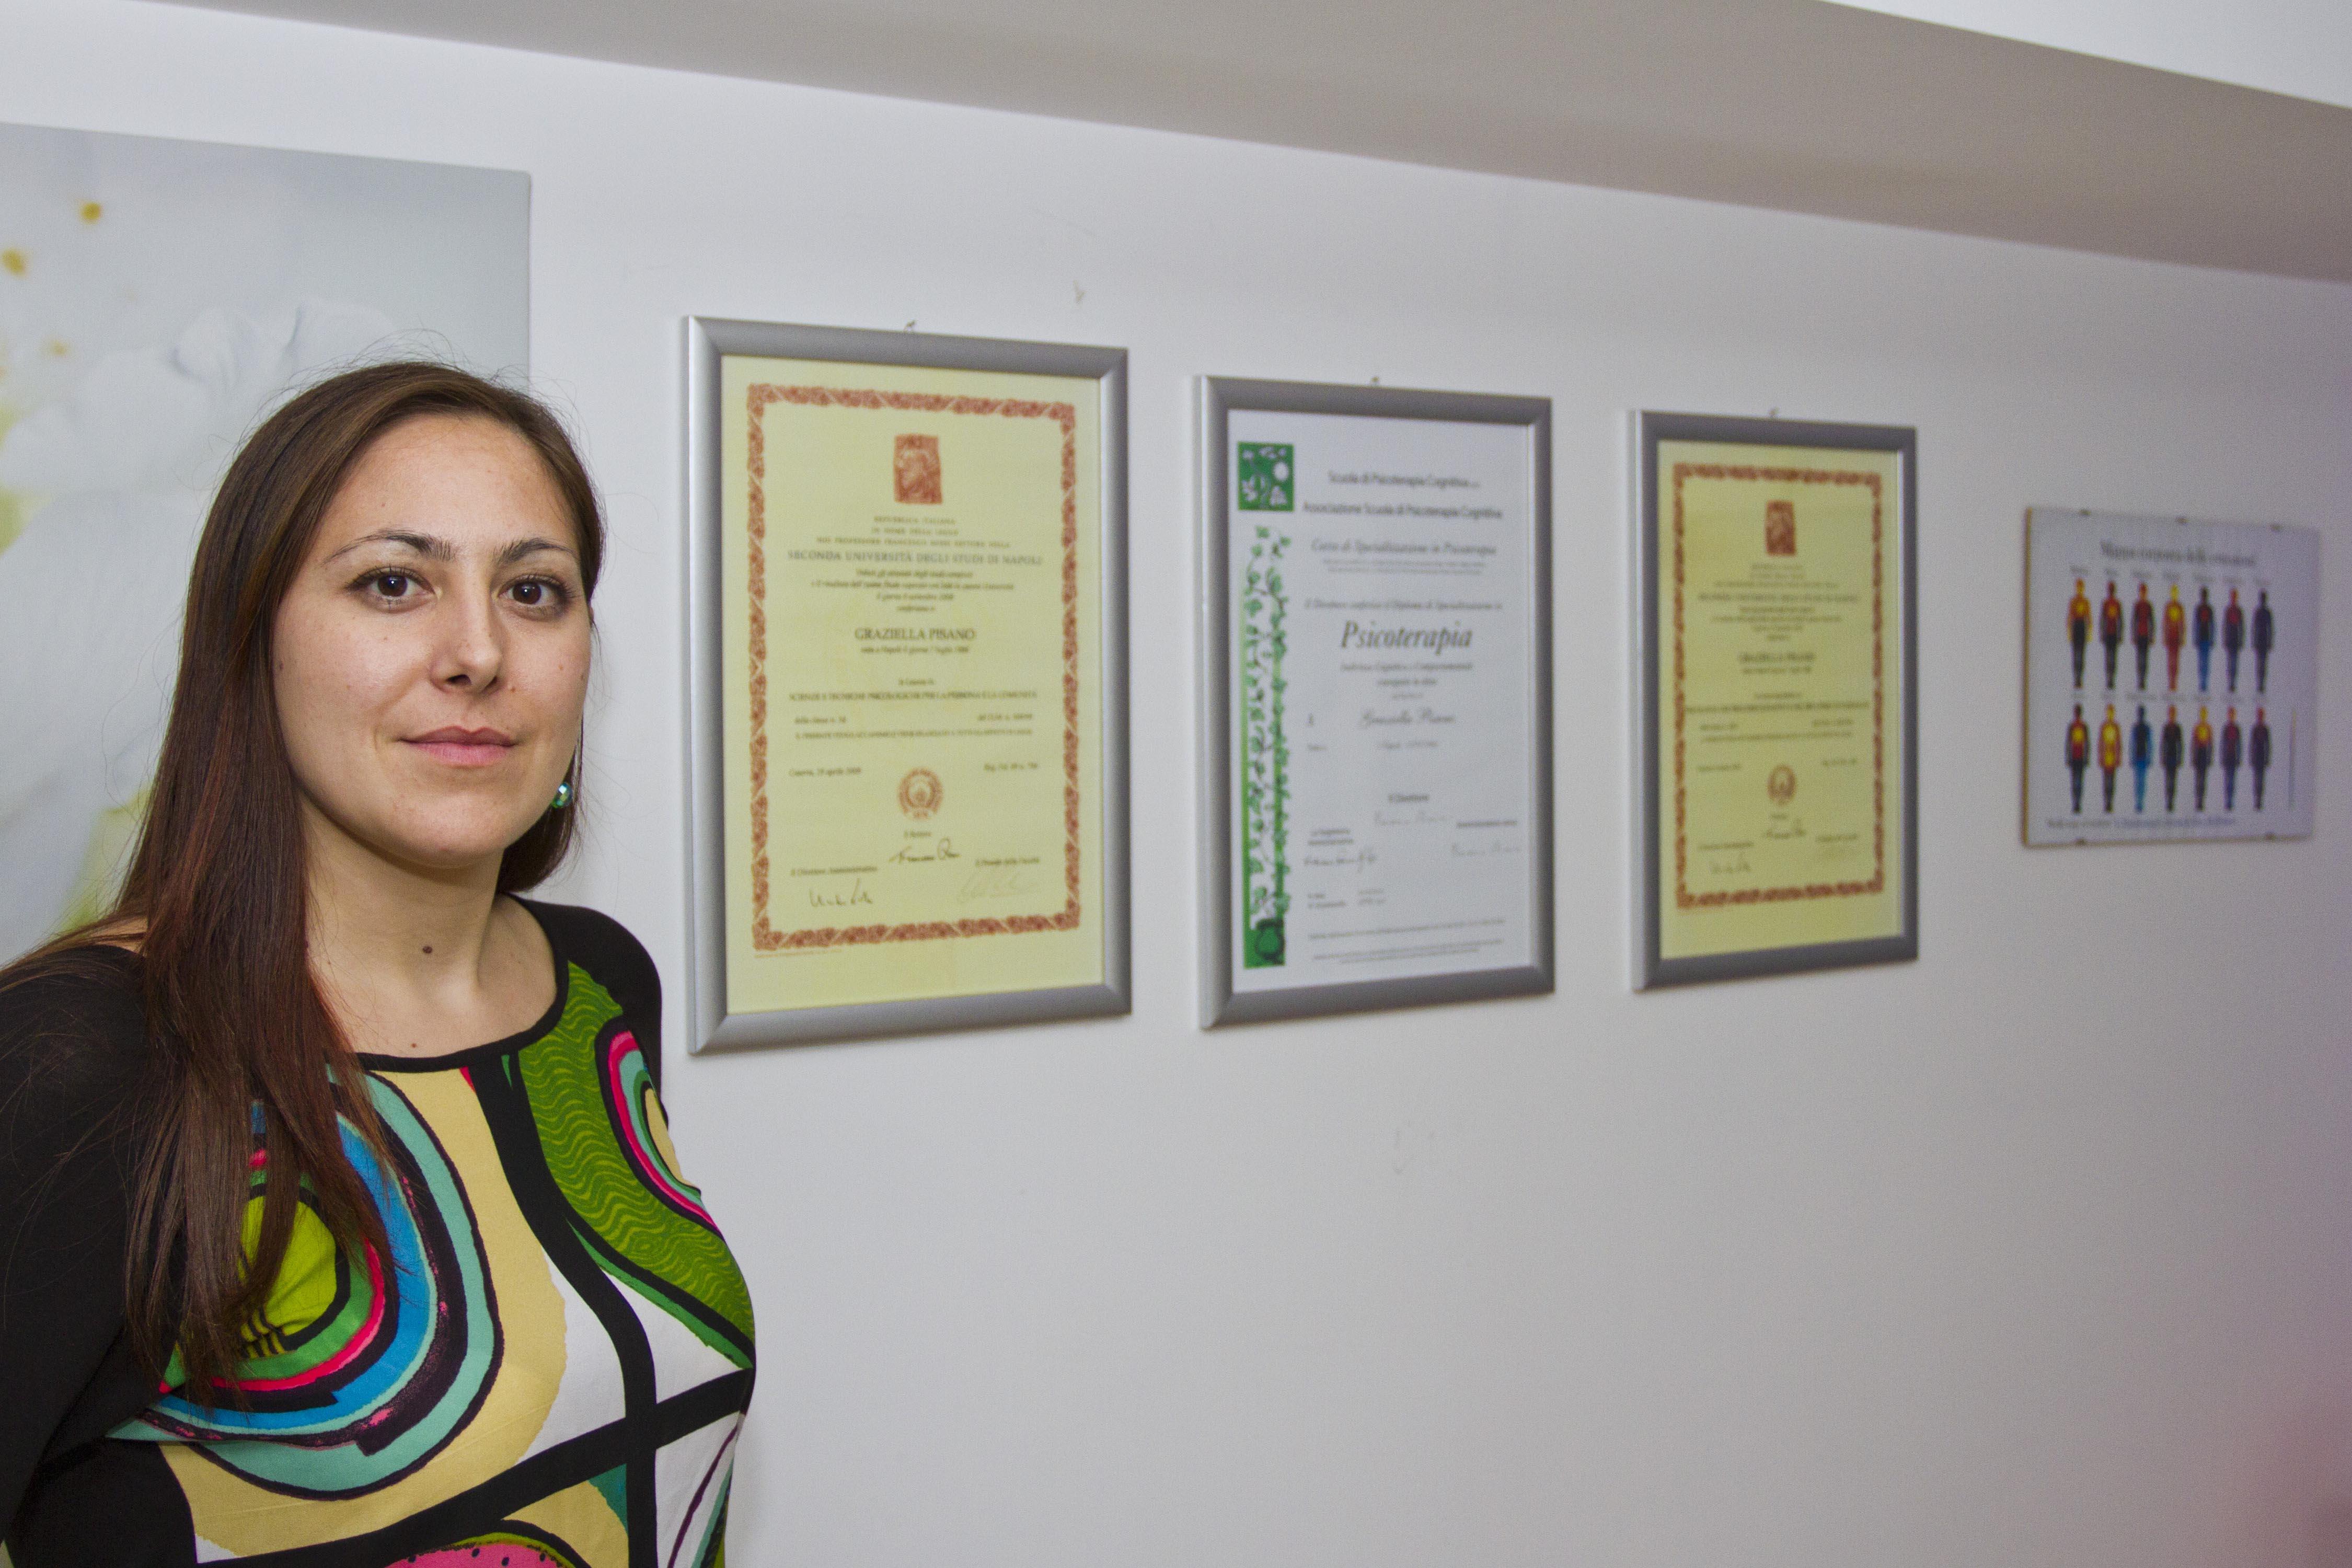 Dott.ssa Graziella Pisano con lauree